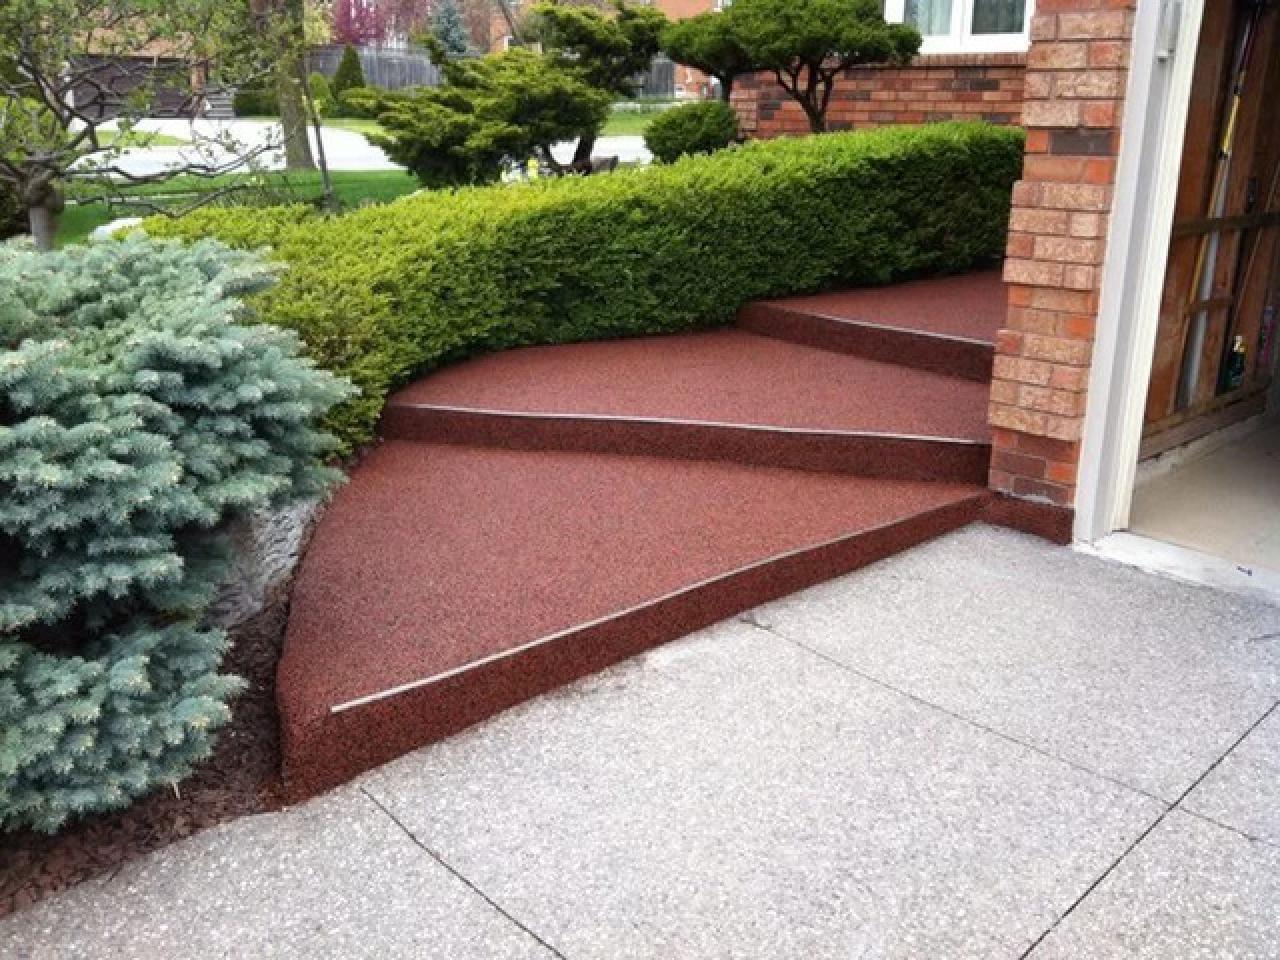 Противоскользящее покрытие для ступеней и лестницы по минимальной цене. - 6